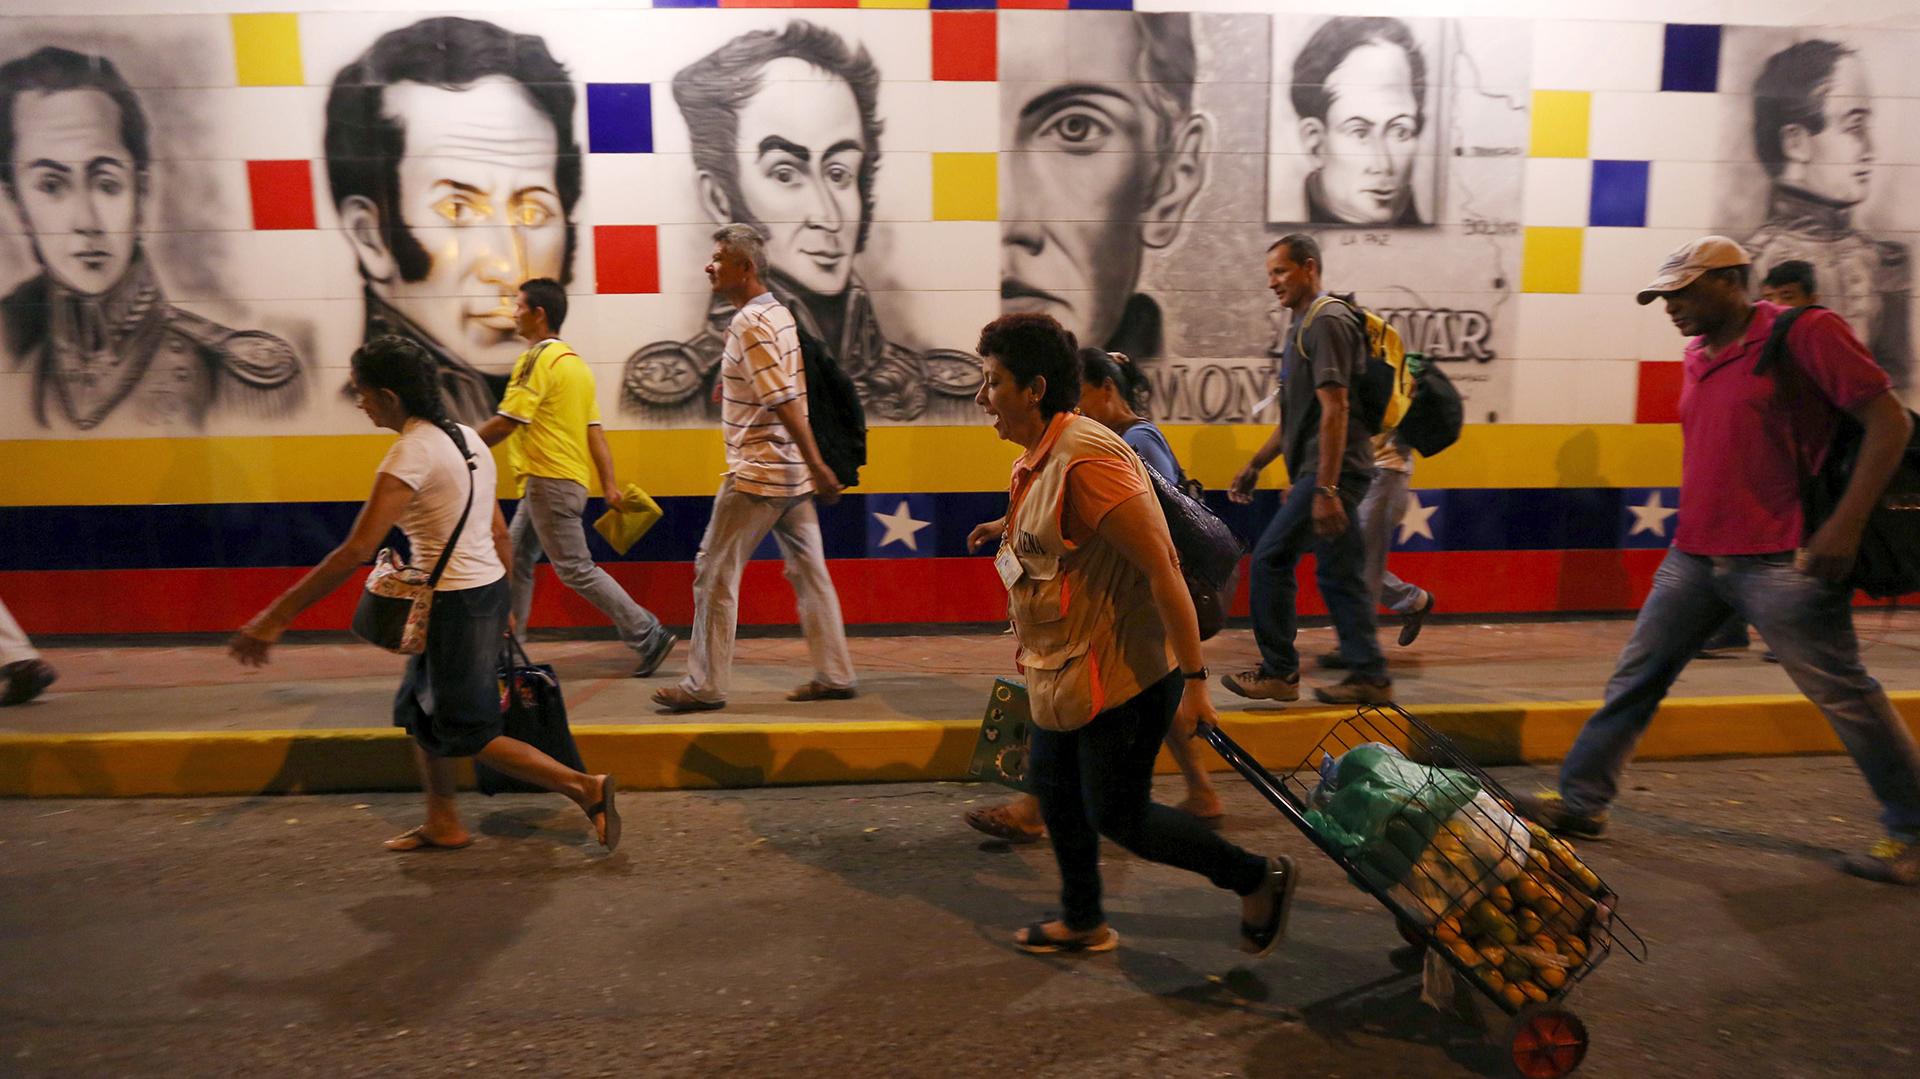 Miles de venezolanos cruzan la frontera con Colombia todos los días